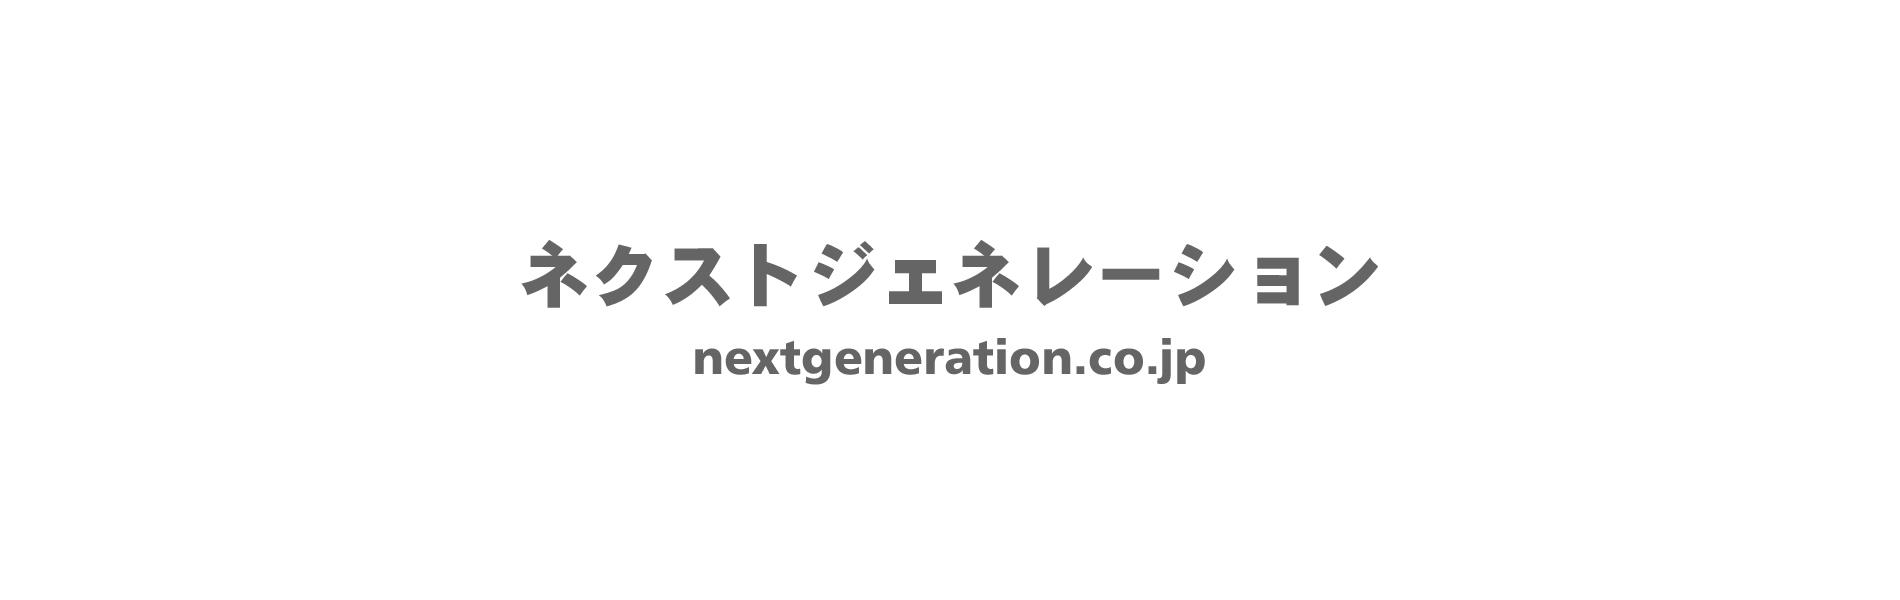 ネクストジェネレーション